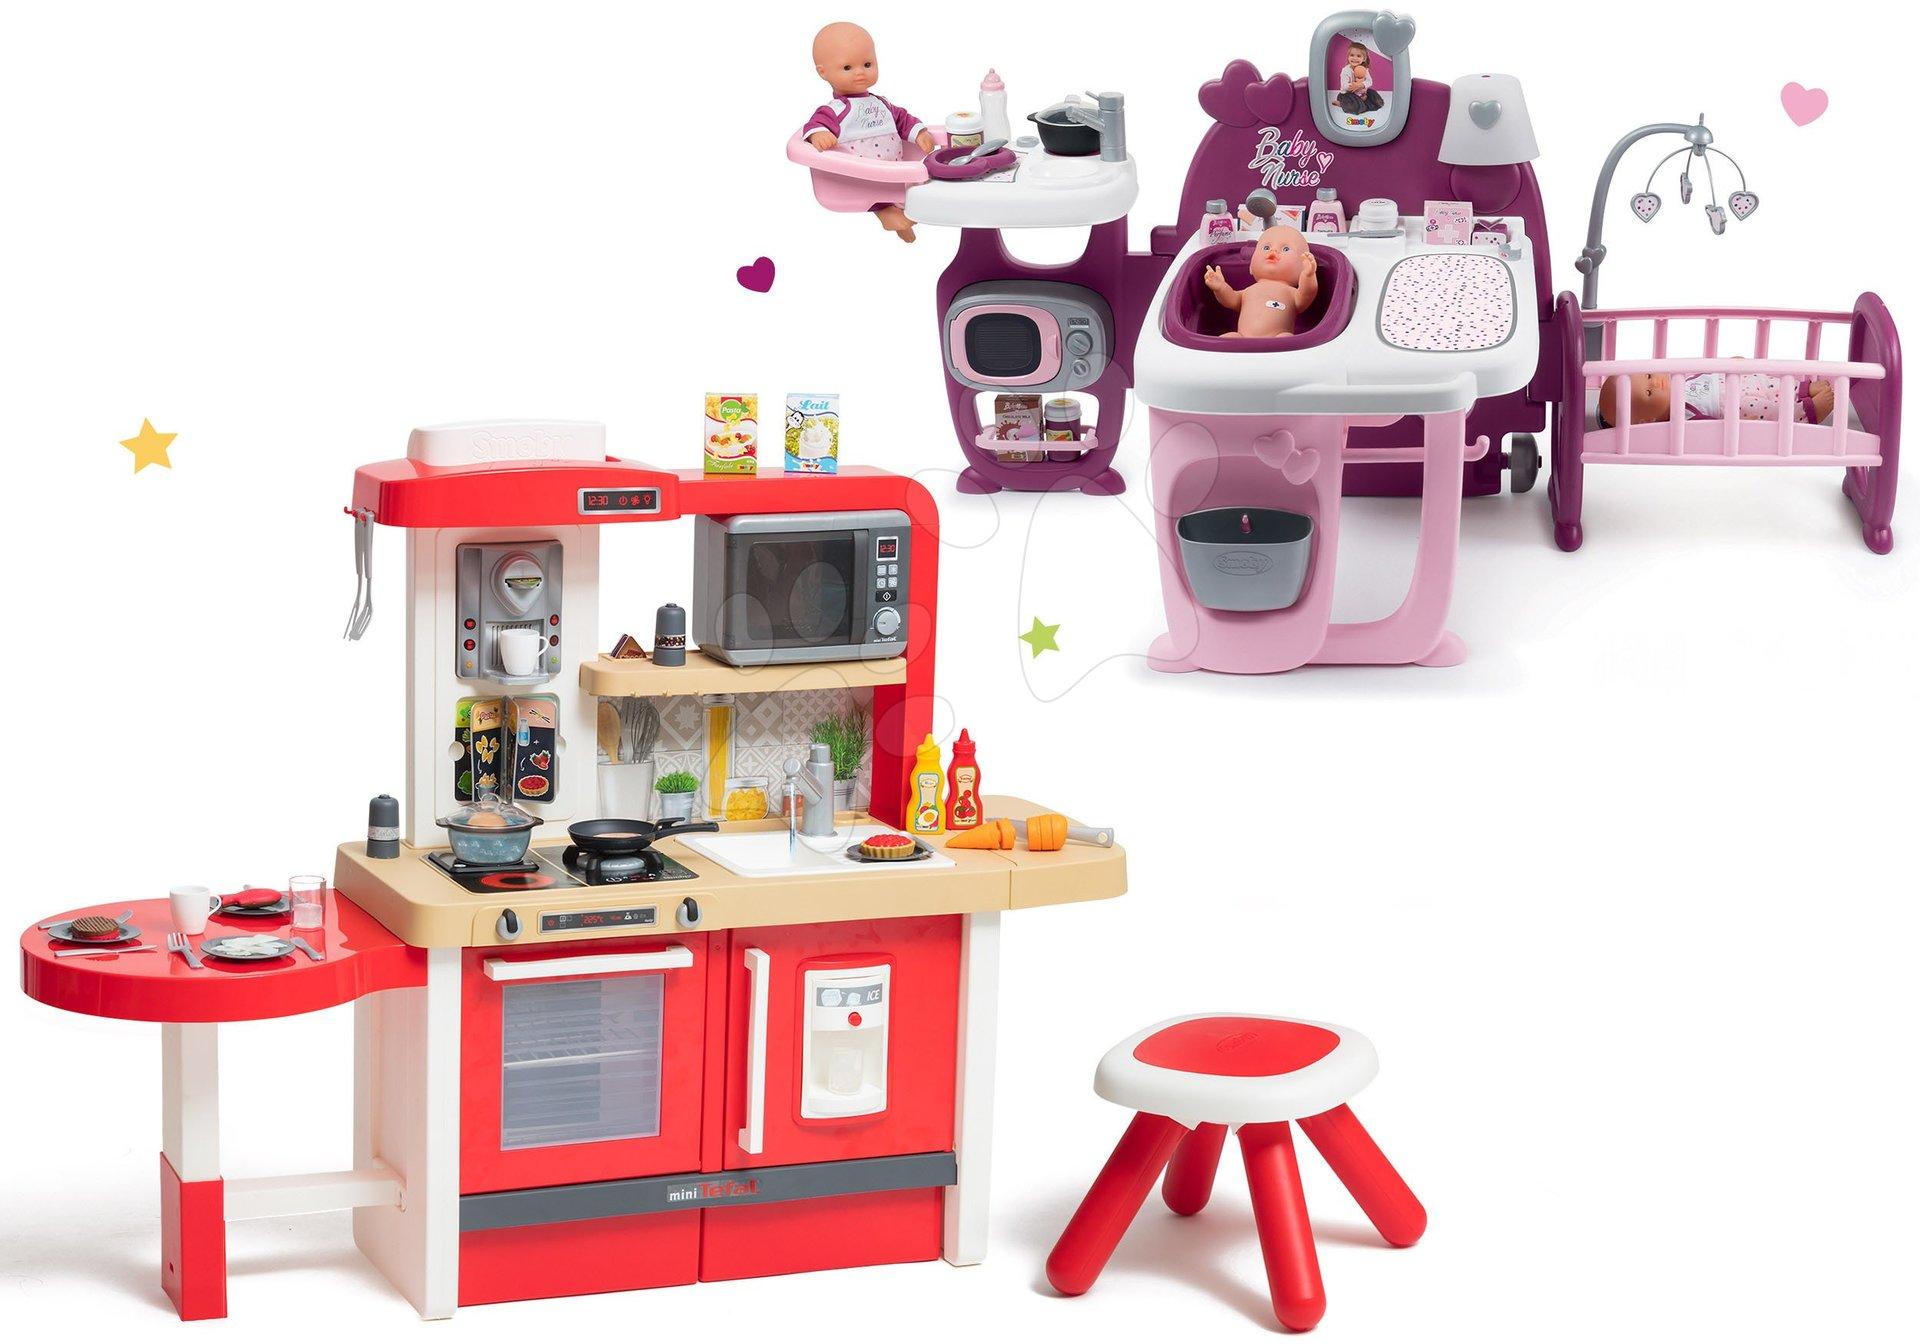 Set kuchynka rastúca s tečúcou vodou a mikrovlnkou Tefal Evolutive Smoby a domček pre bábiku Violette Baby Nurse Large Doll's Play Center